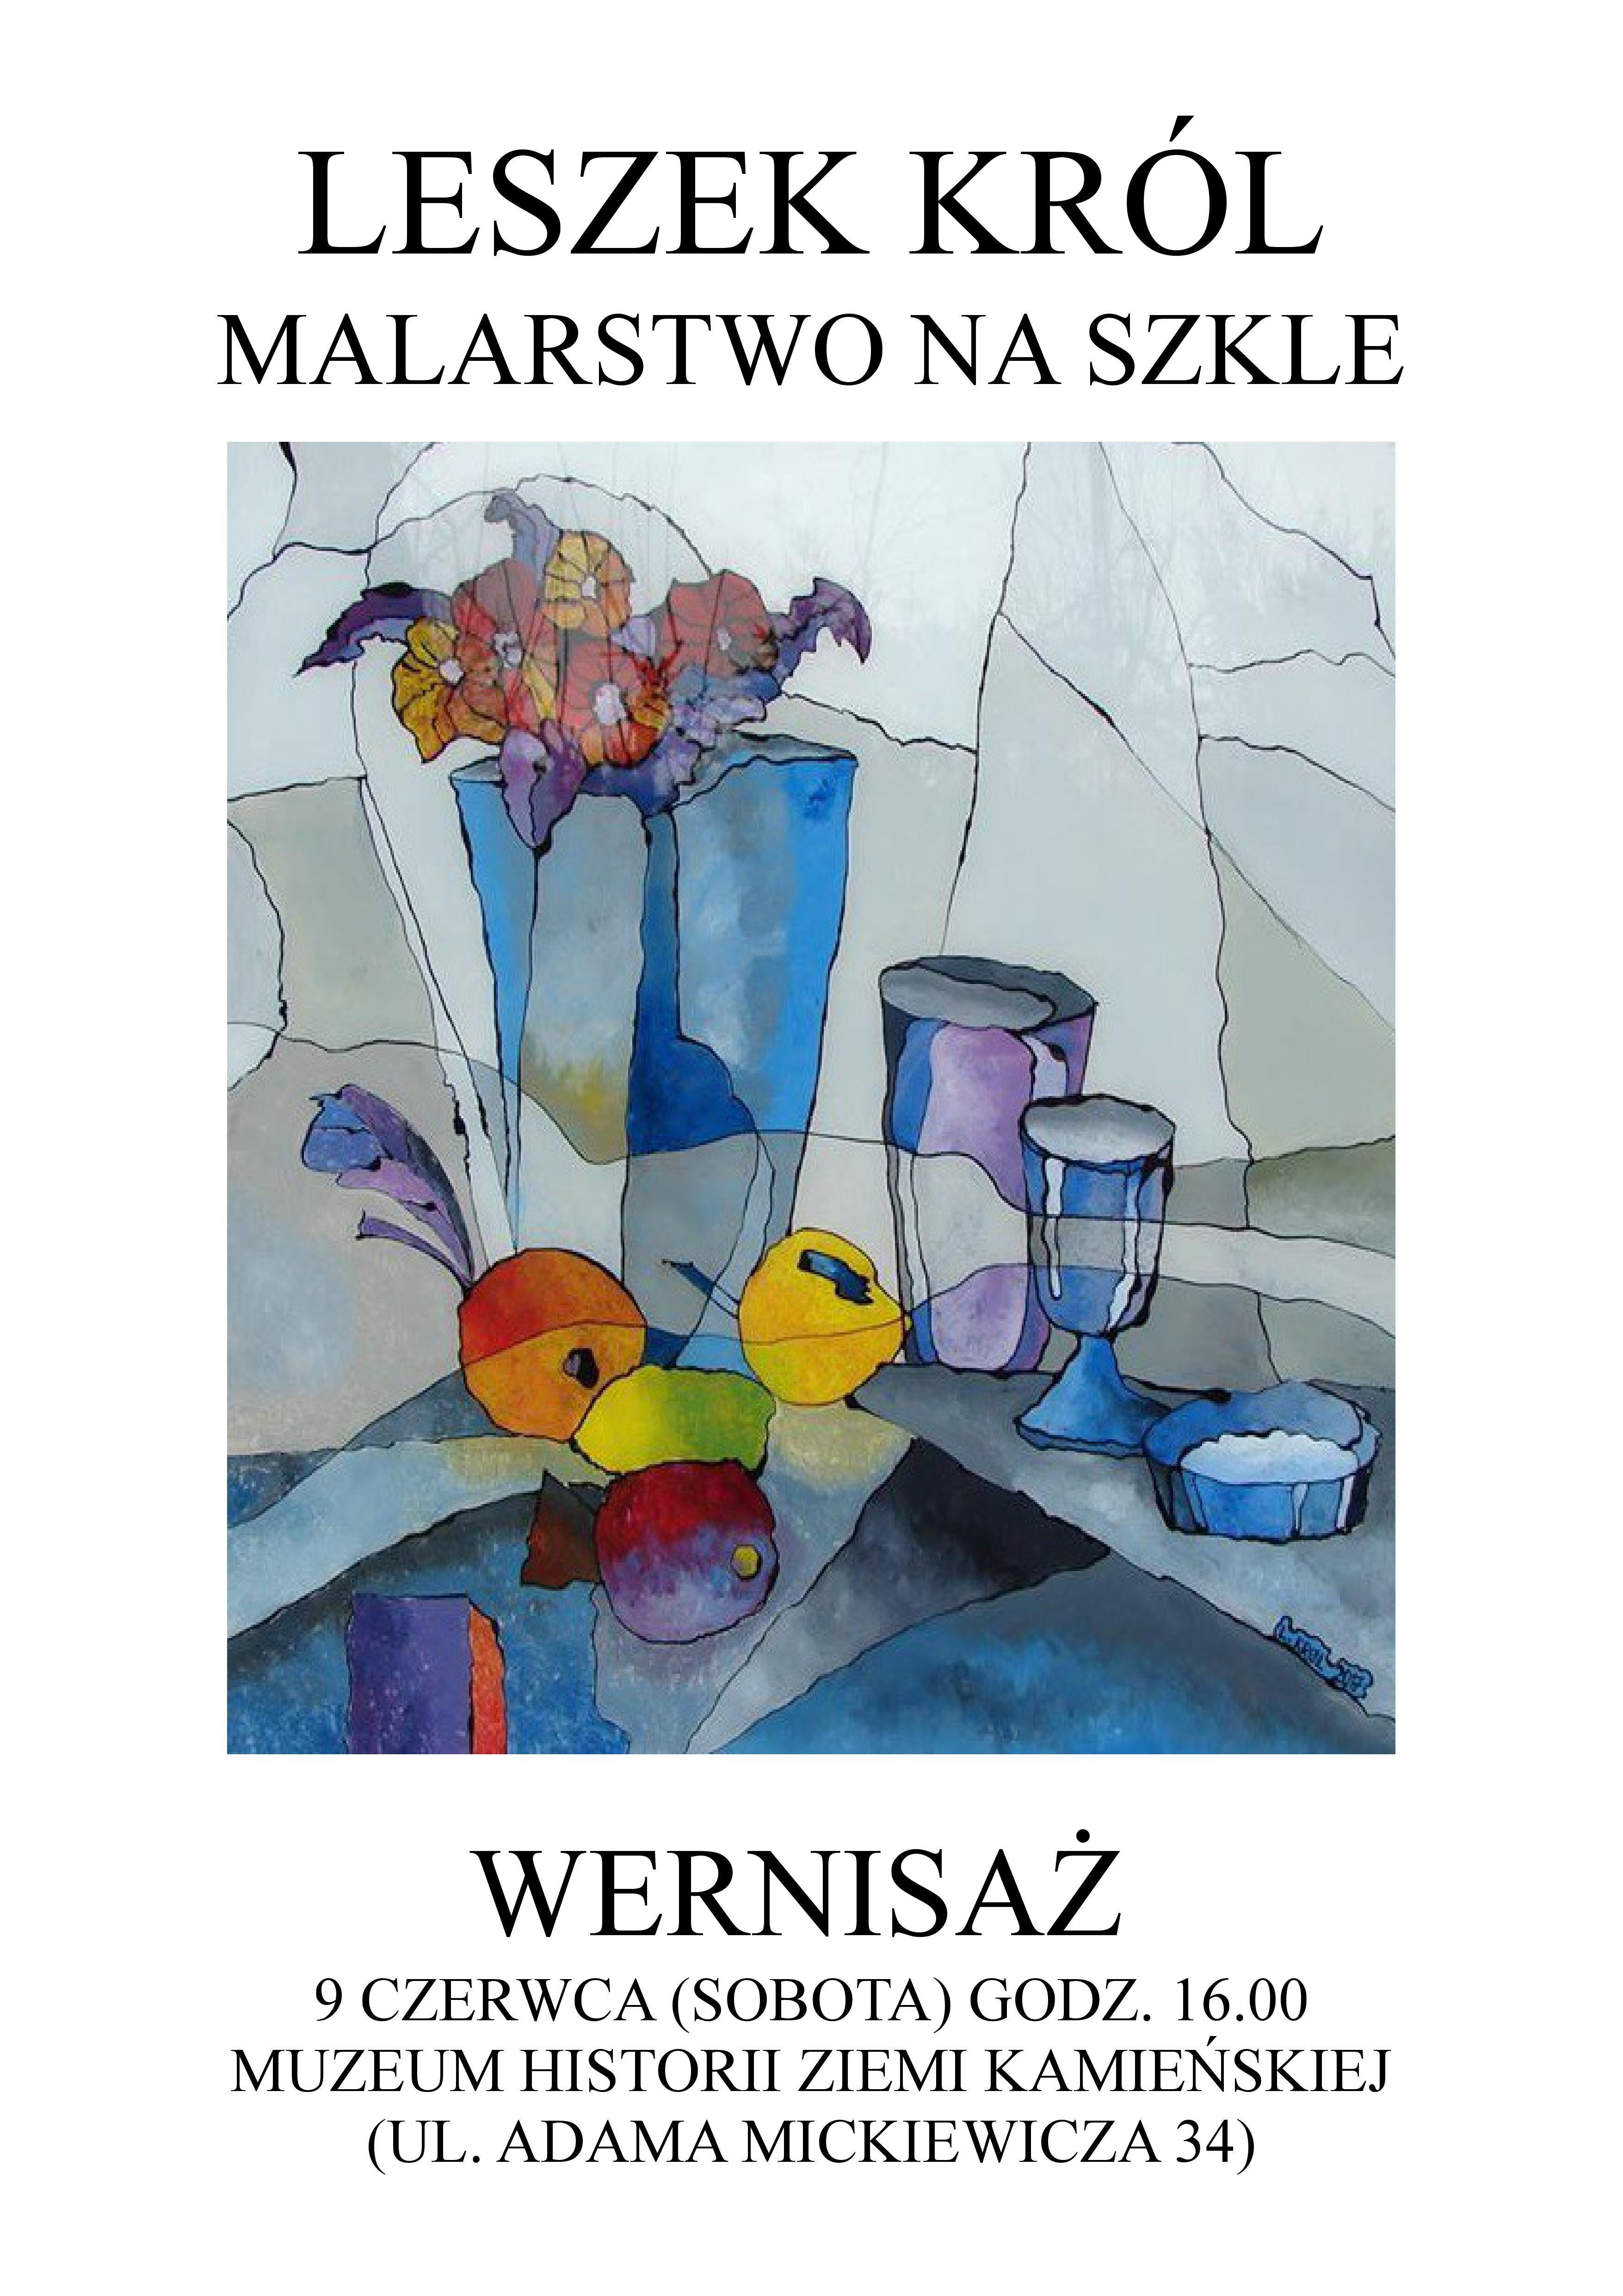 Wystawa malarstwa na szkle Leszka Króla już od soboty w MHZK